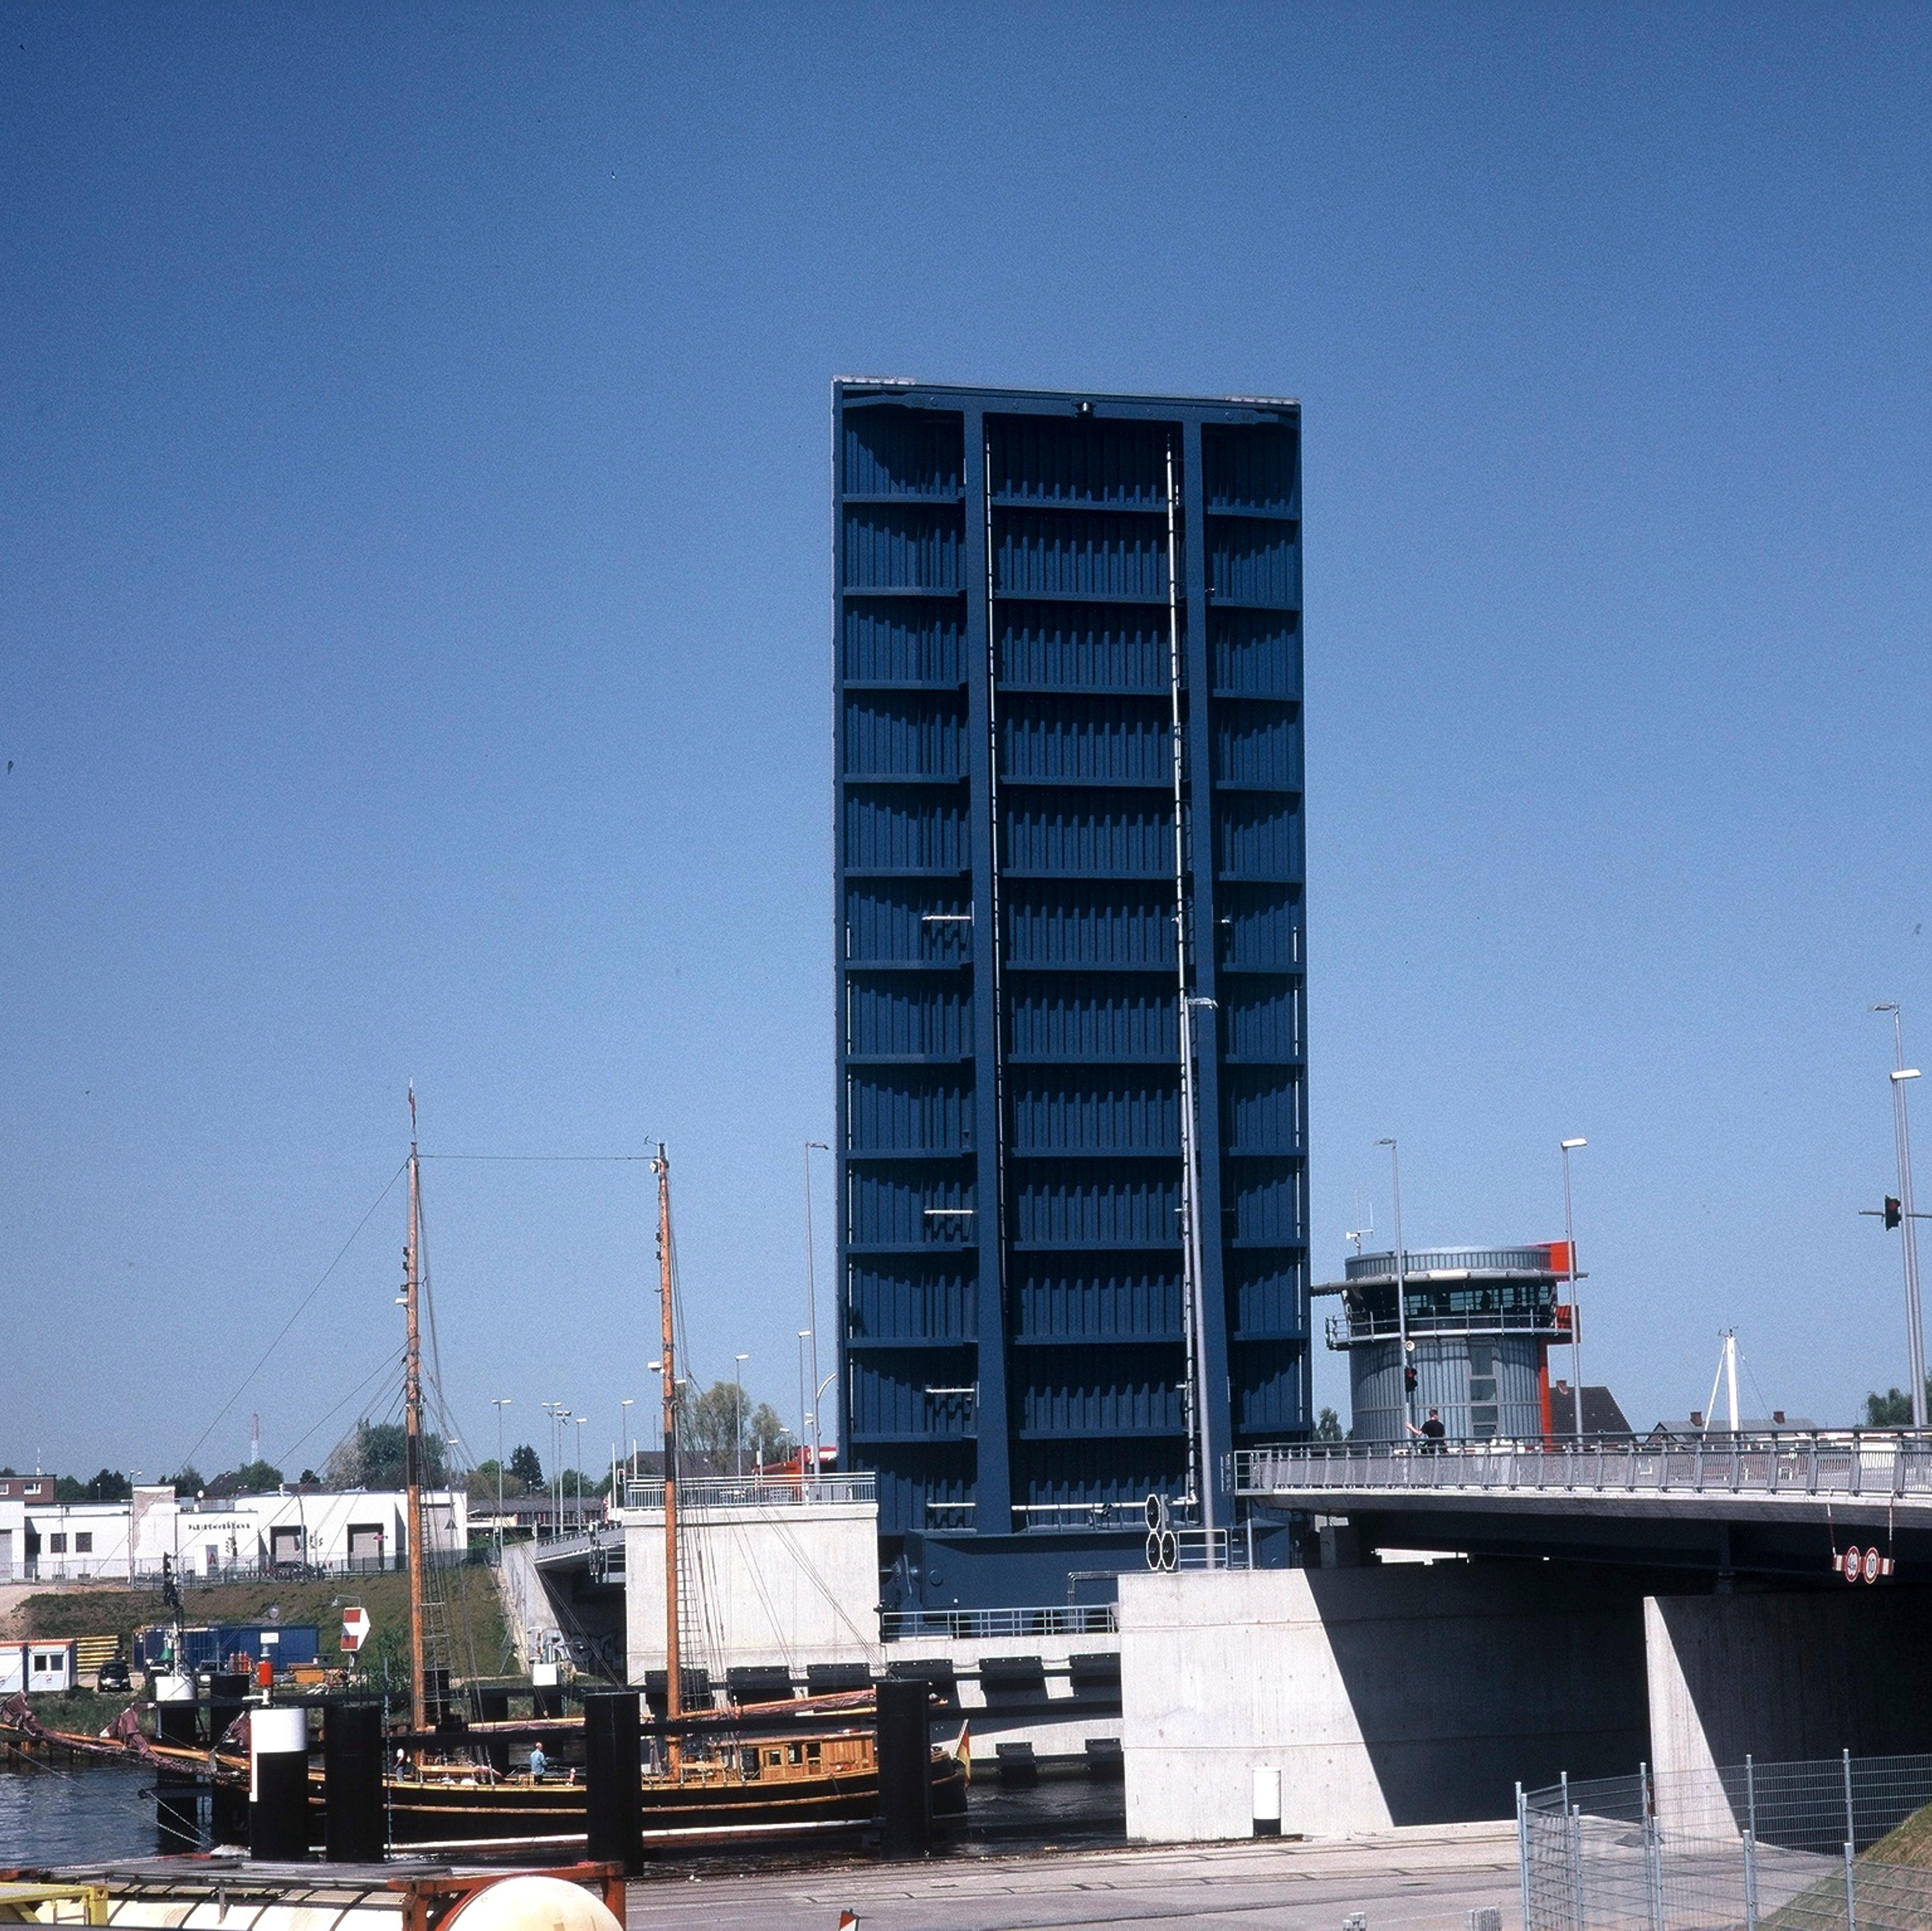 Architekten L Beck klappbrücke nordtangente lübeck gpk architekten in lübeck